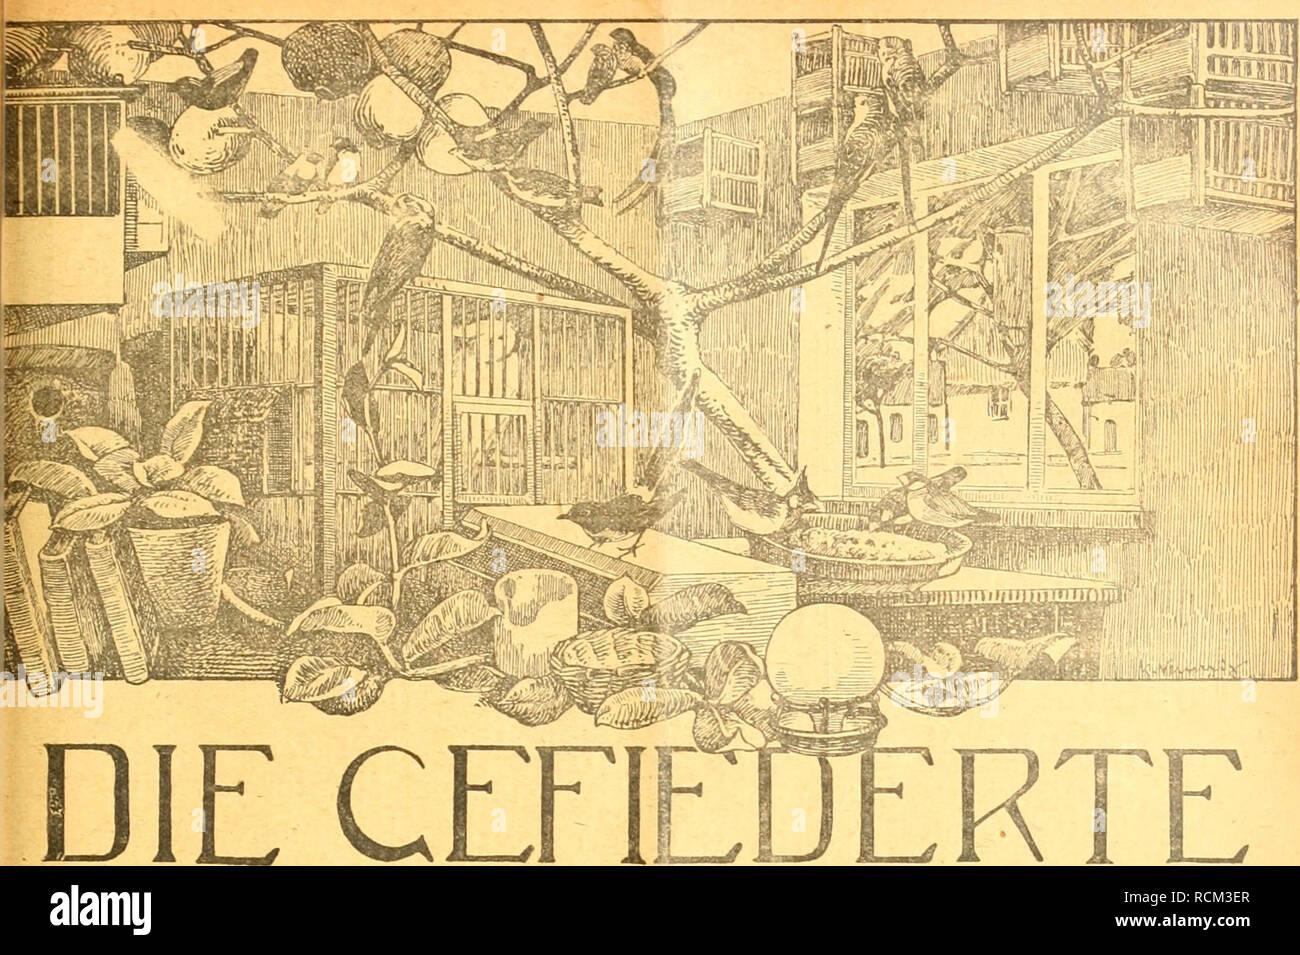 """. Die Gefiederte Welt. Uccelli. ett 23. 5. Dezember 1918. XLVIl Jahrgang. ifflH. WELT RTE Zeitschrift für -VOGELLIEBHABER.- Begründet von Dr. Karl Ruß. Herausgegeben von Karl Neunzig in Hermsdorf bei Berlin- INHALT: OedanWen eines Vogclliebhabers. Von H. Cadura, Swinemünde. Mitteilungen über meine Vogelwelt. Von Kracht, Odessa. (Schluß). Etwas über den Wieserpieper. Von Lothar Oribkowski. Über die Entstehung des deutschen Vogc""""nomi. Von A. Usinger. Elternliebe bei Vögeln. Von Rudolf Steinmetz, Straßburg i. Eis. Kleine Mitteilungin. - Aus den Vereinen. - Redaktionsbrieikasten. Abonnementspreis Foto Stock"""